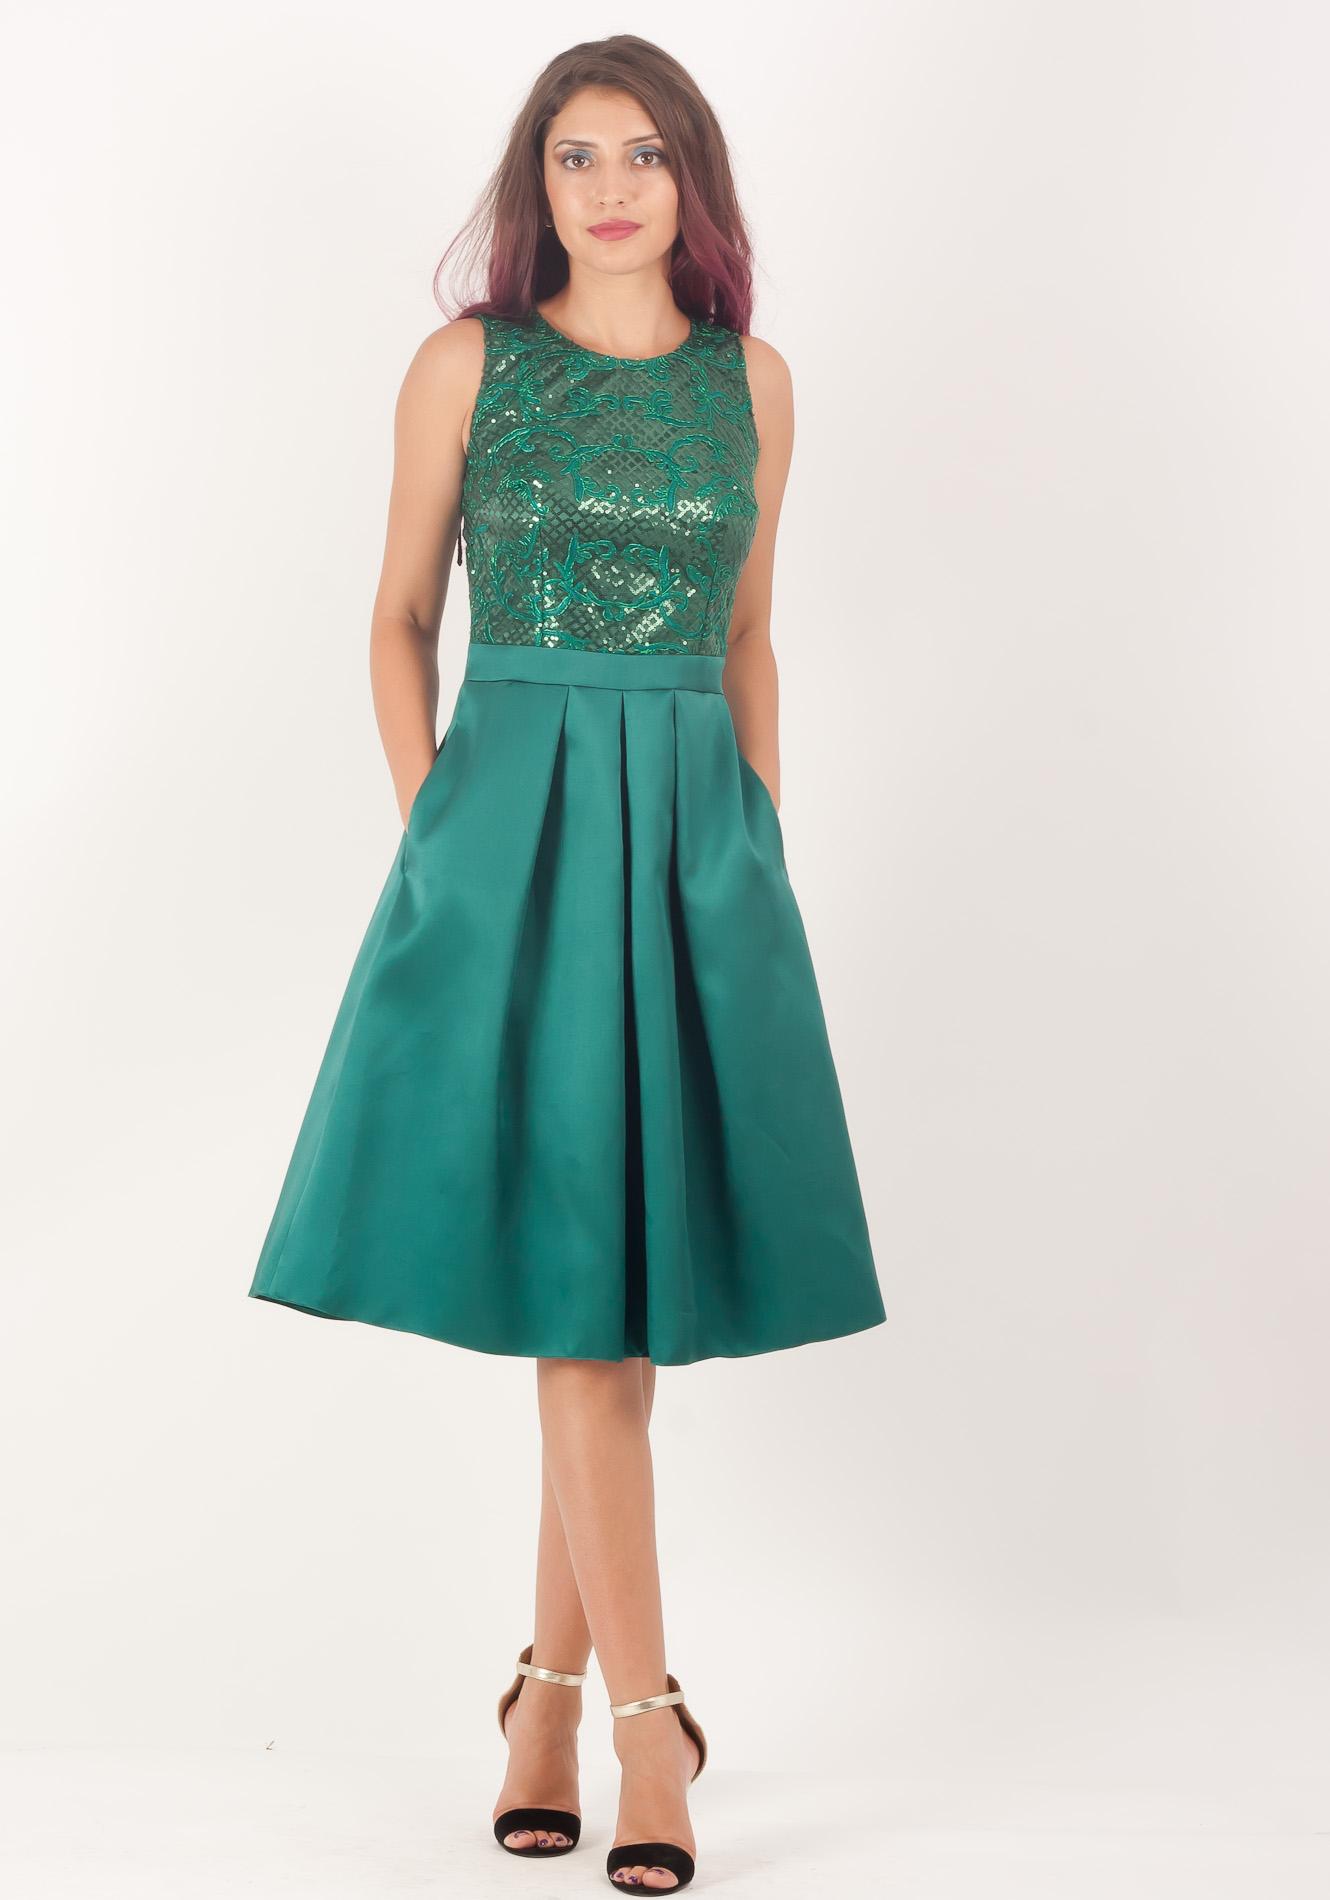 Rochie ocazie verde smarald